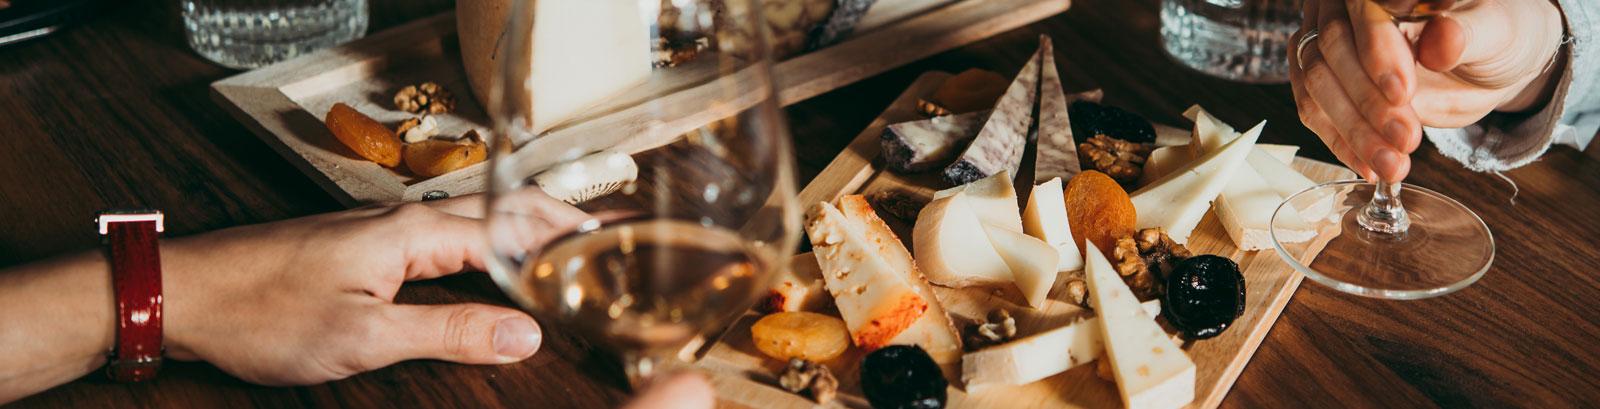 Rythm & Booze - bar à vin et tapas